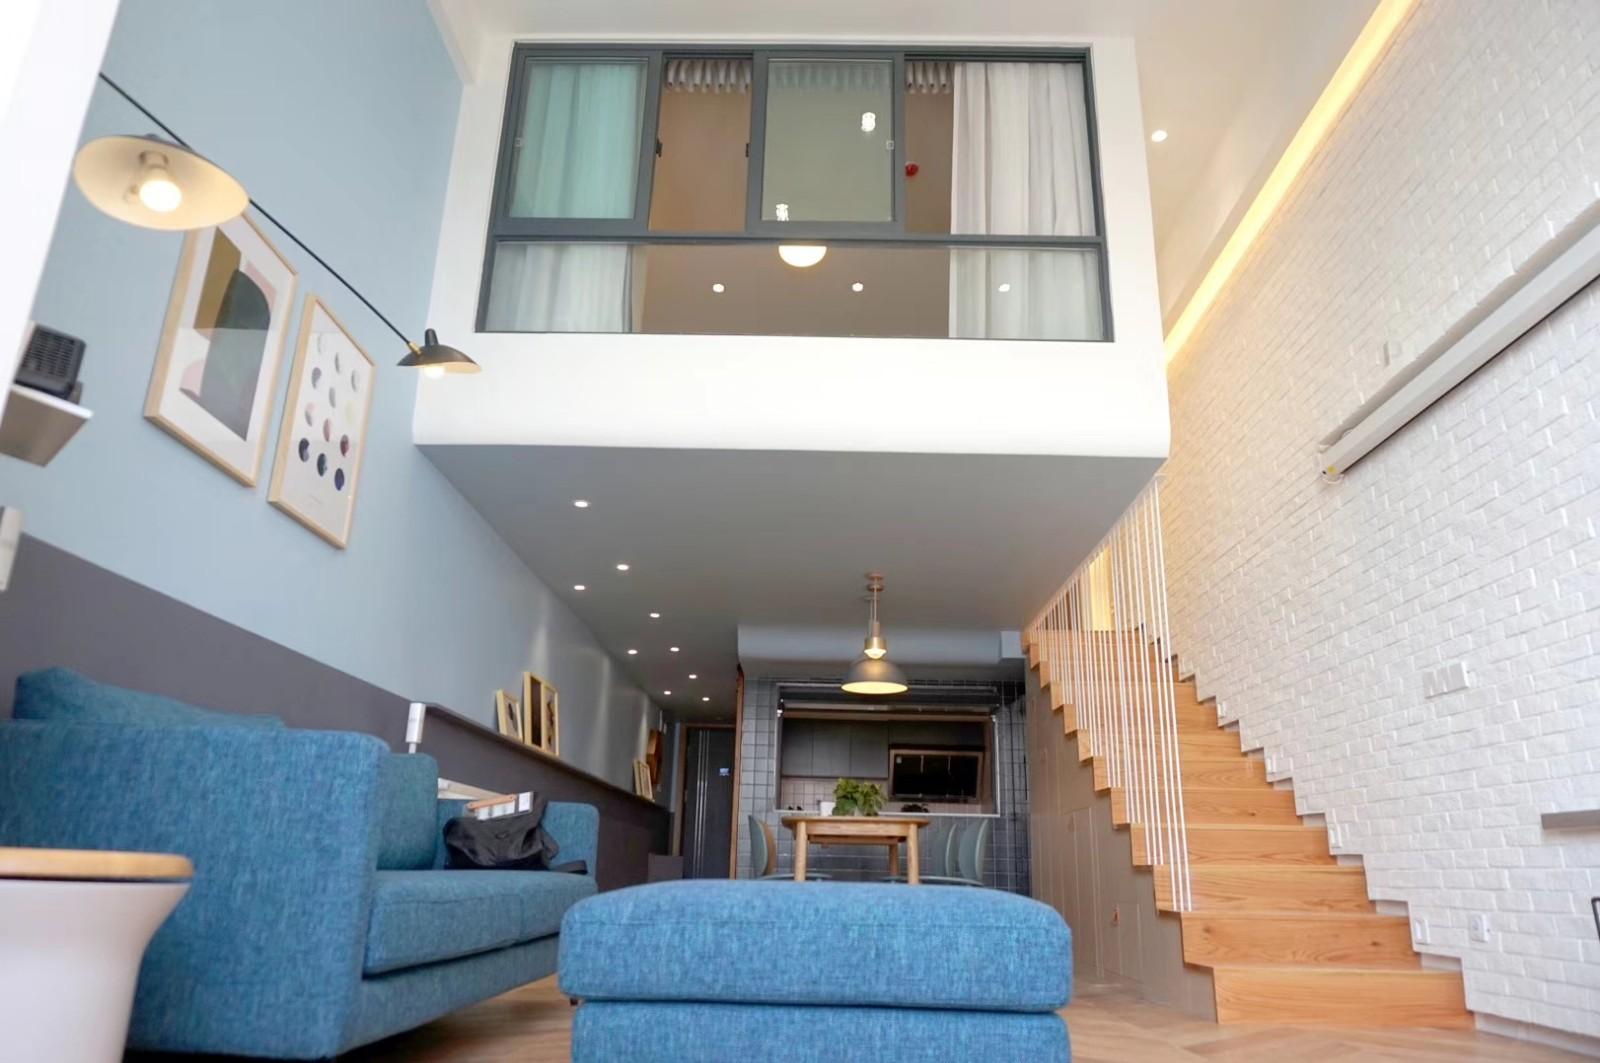 2021北欧70平米设计图片 2021北欧公寓装修设计